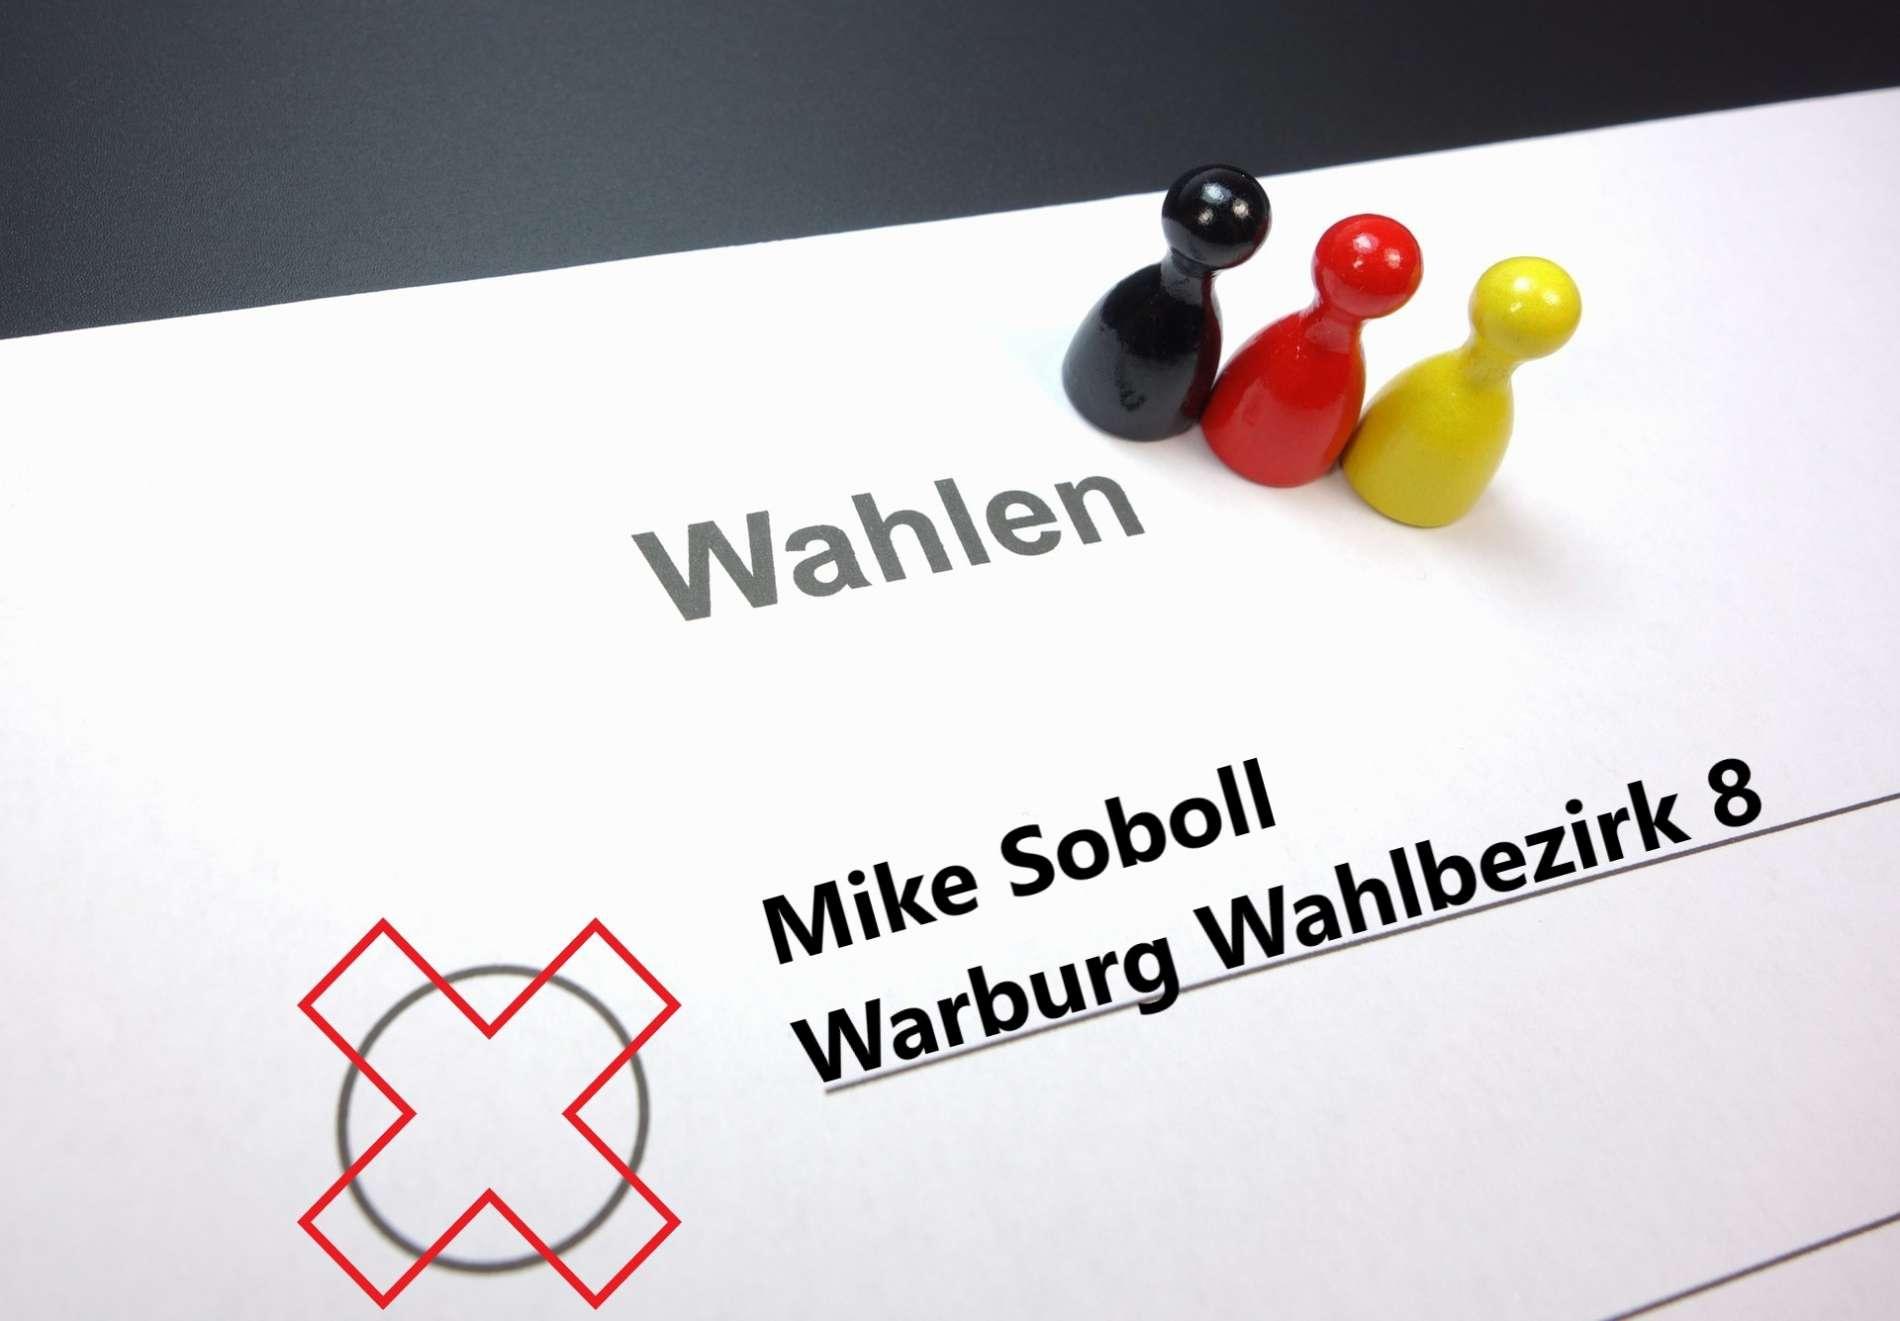 Kommunalwahlen / Gemeinderatswahlen in Warburg: Mike Soboll tritt im Wahlbezirk 8 an